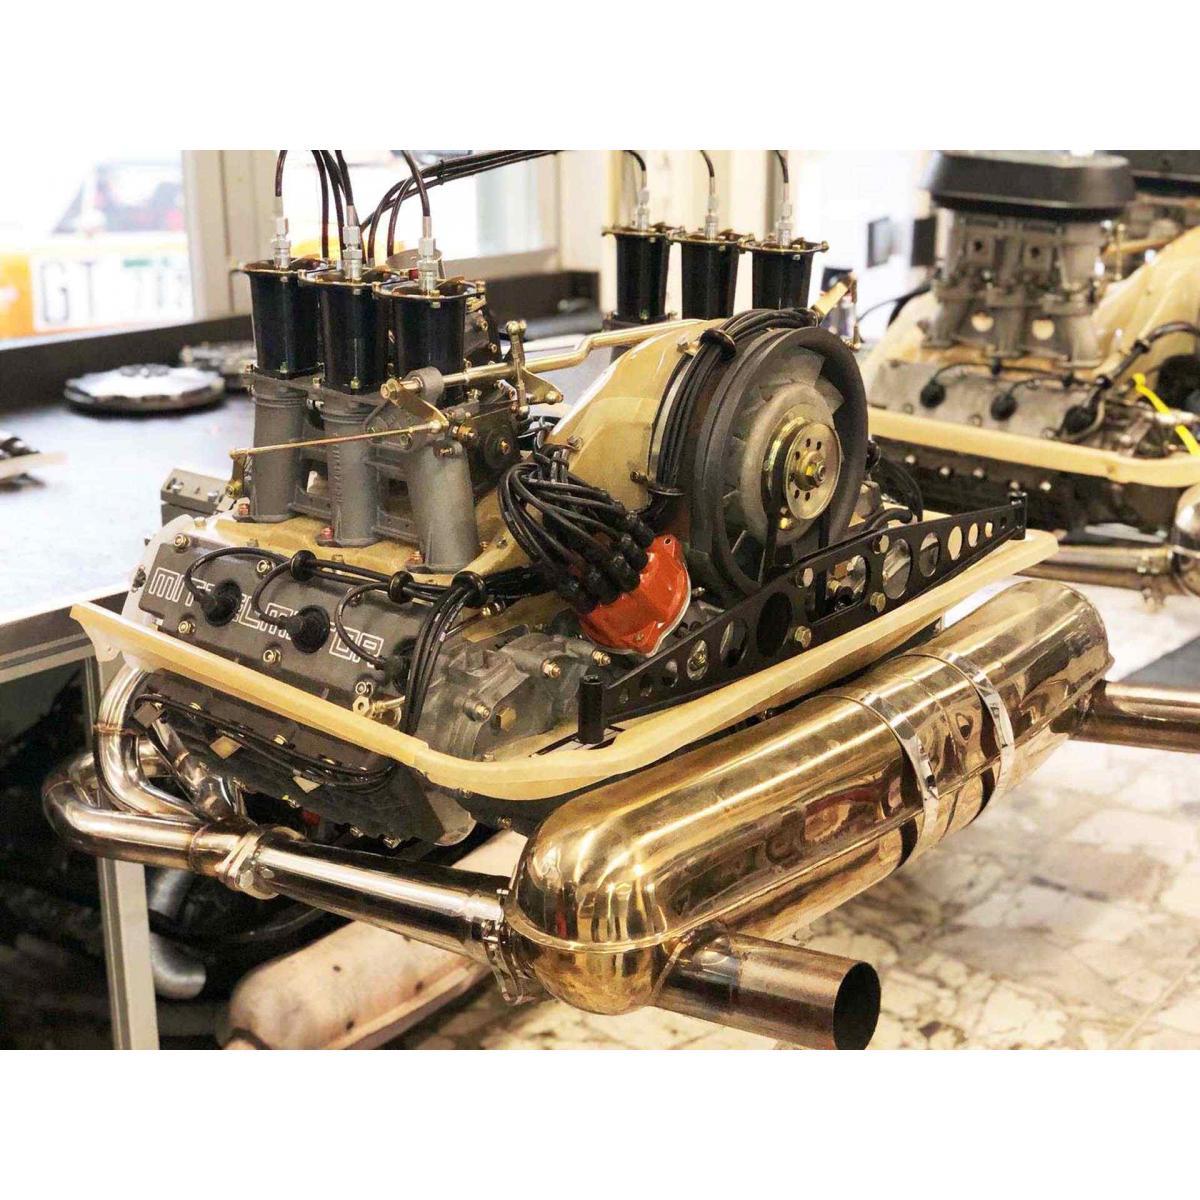 """Motor komplett, 3,8 RSR """"The Crusher"""", 389 PS/ 417 Nm"""